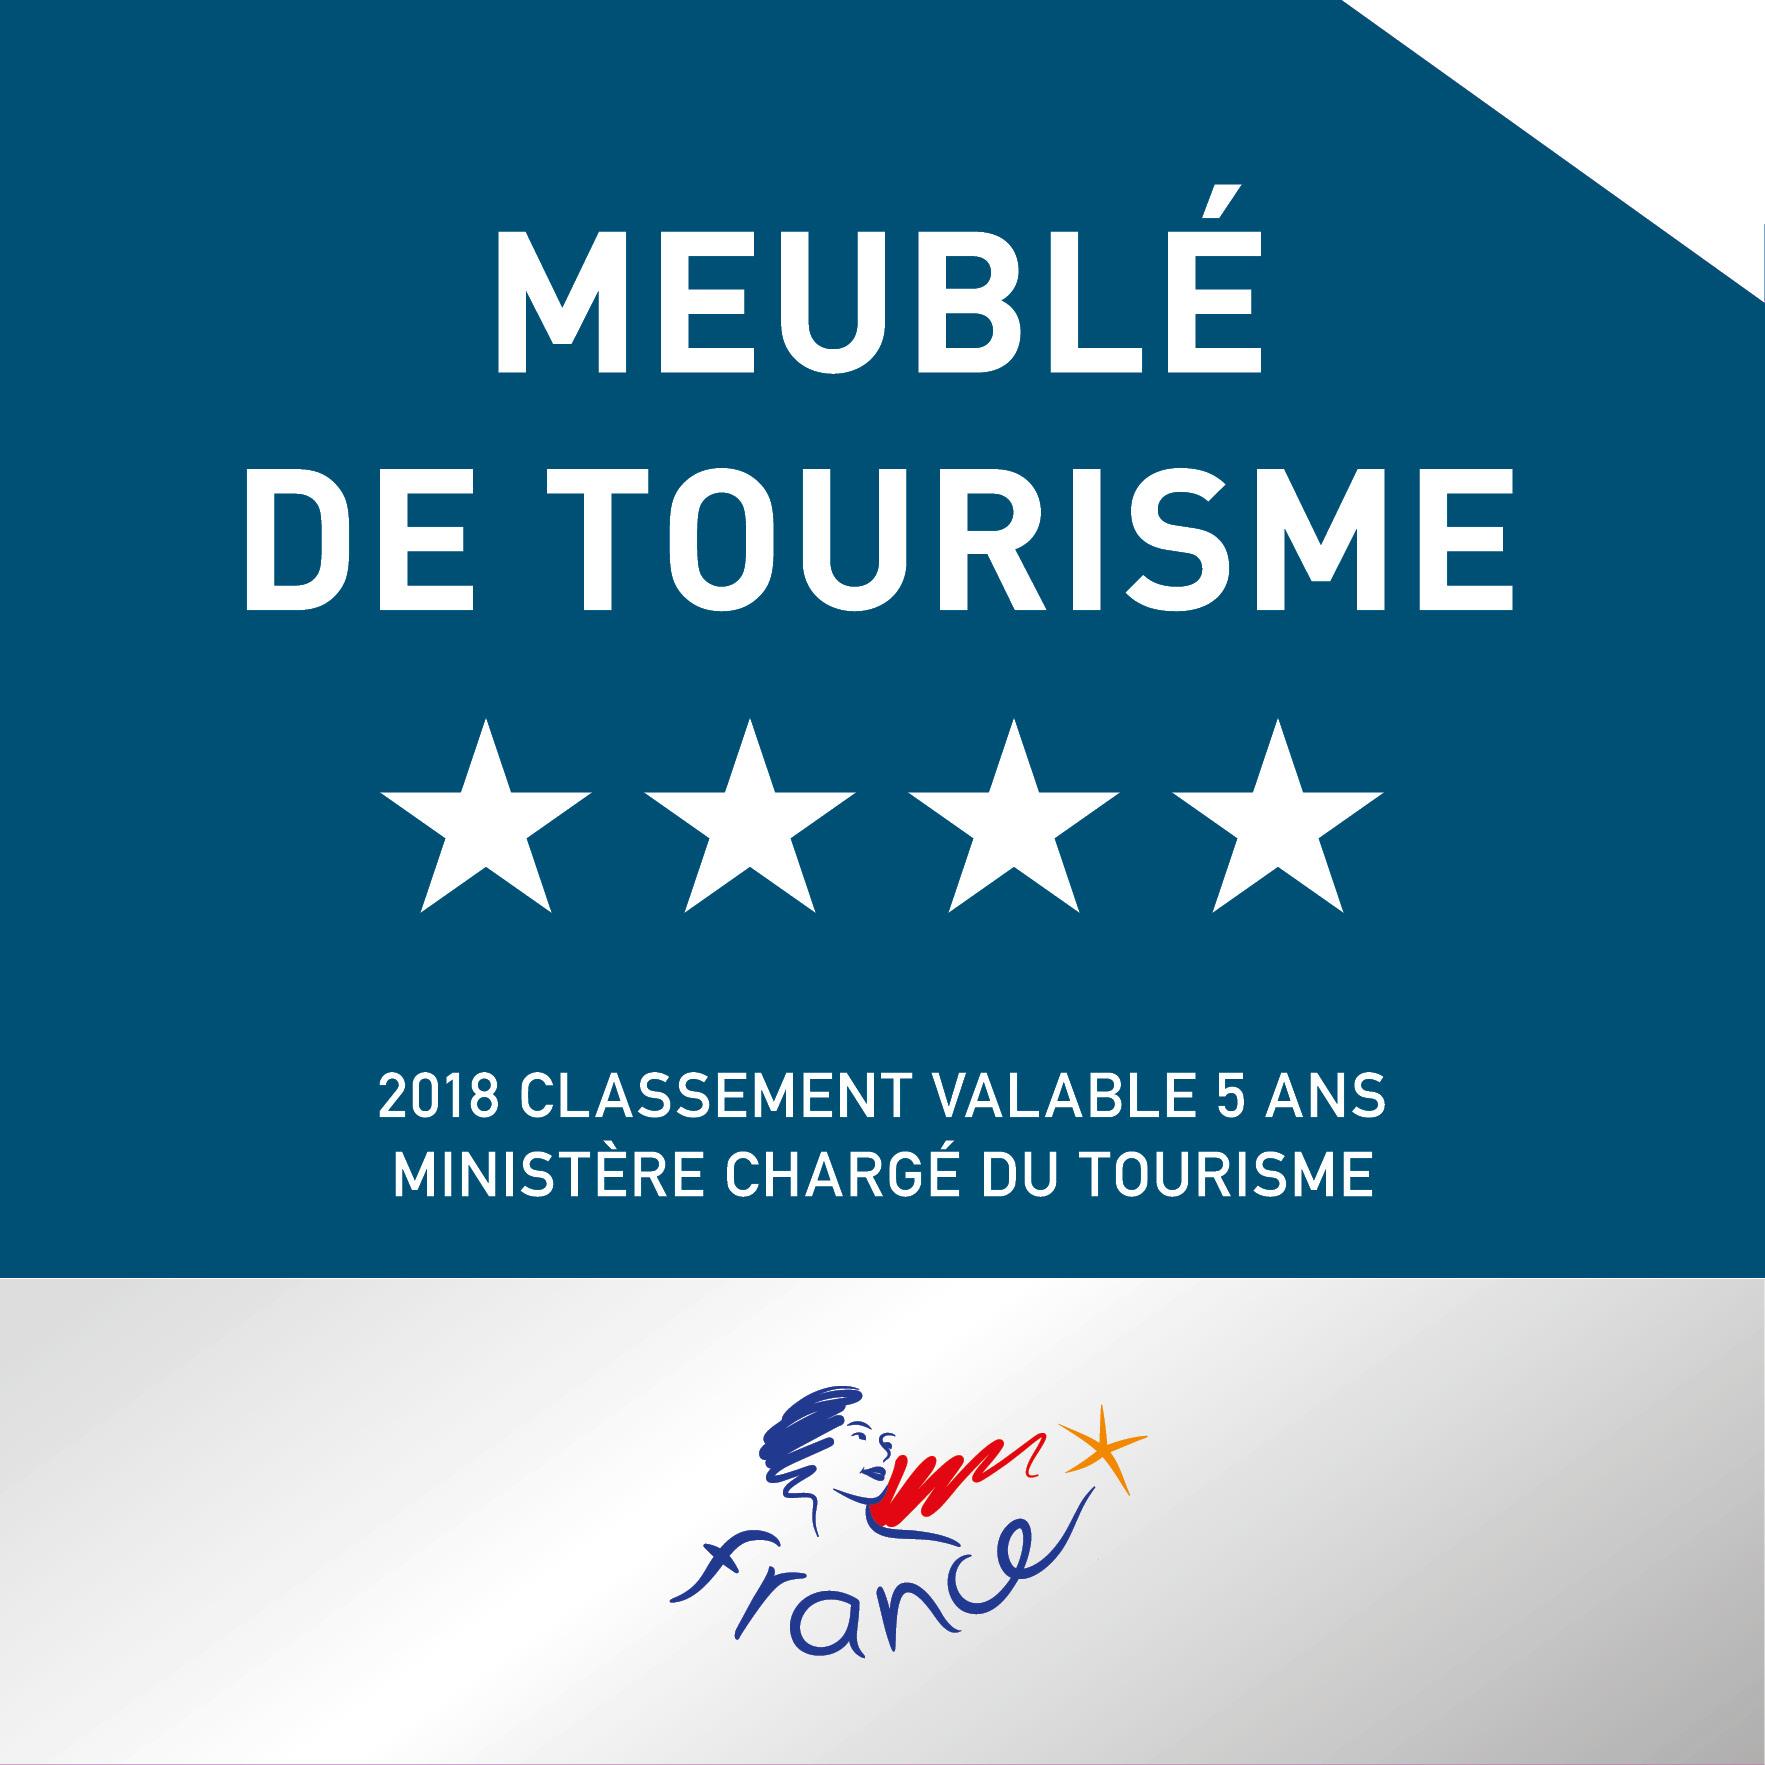 Plaque-Meuble_tourisme4_2018.jpg